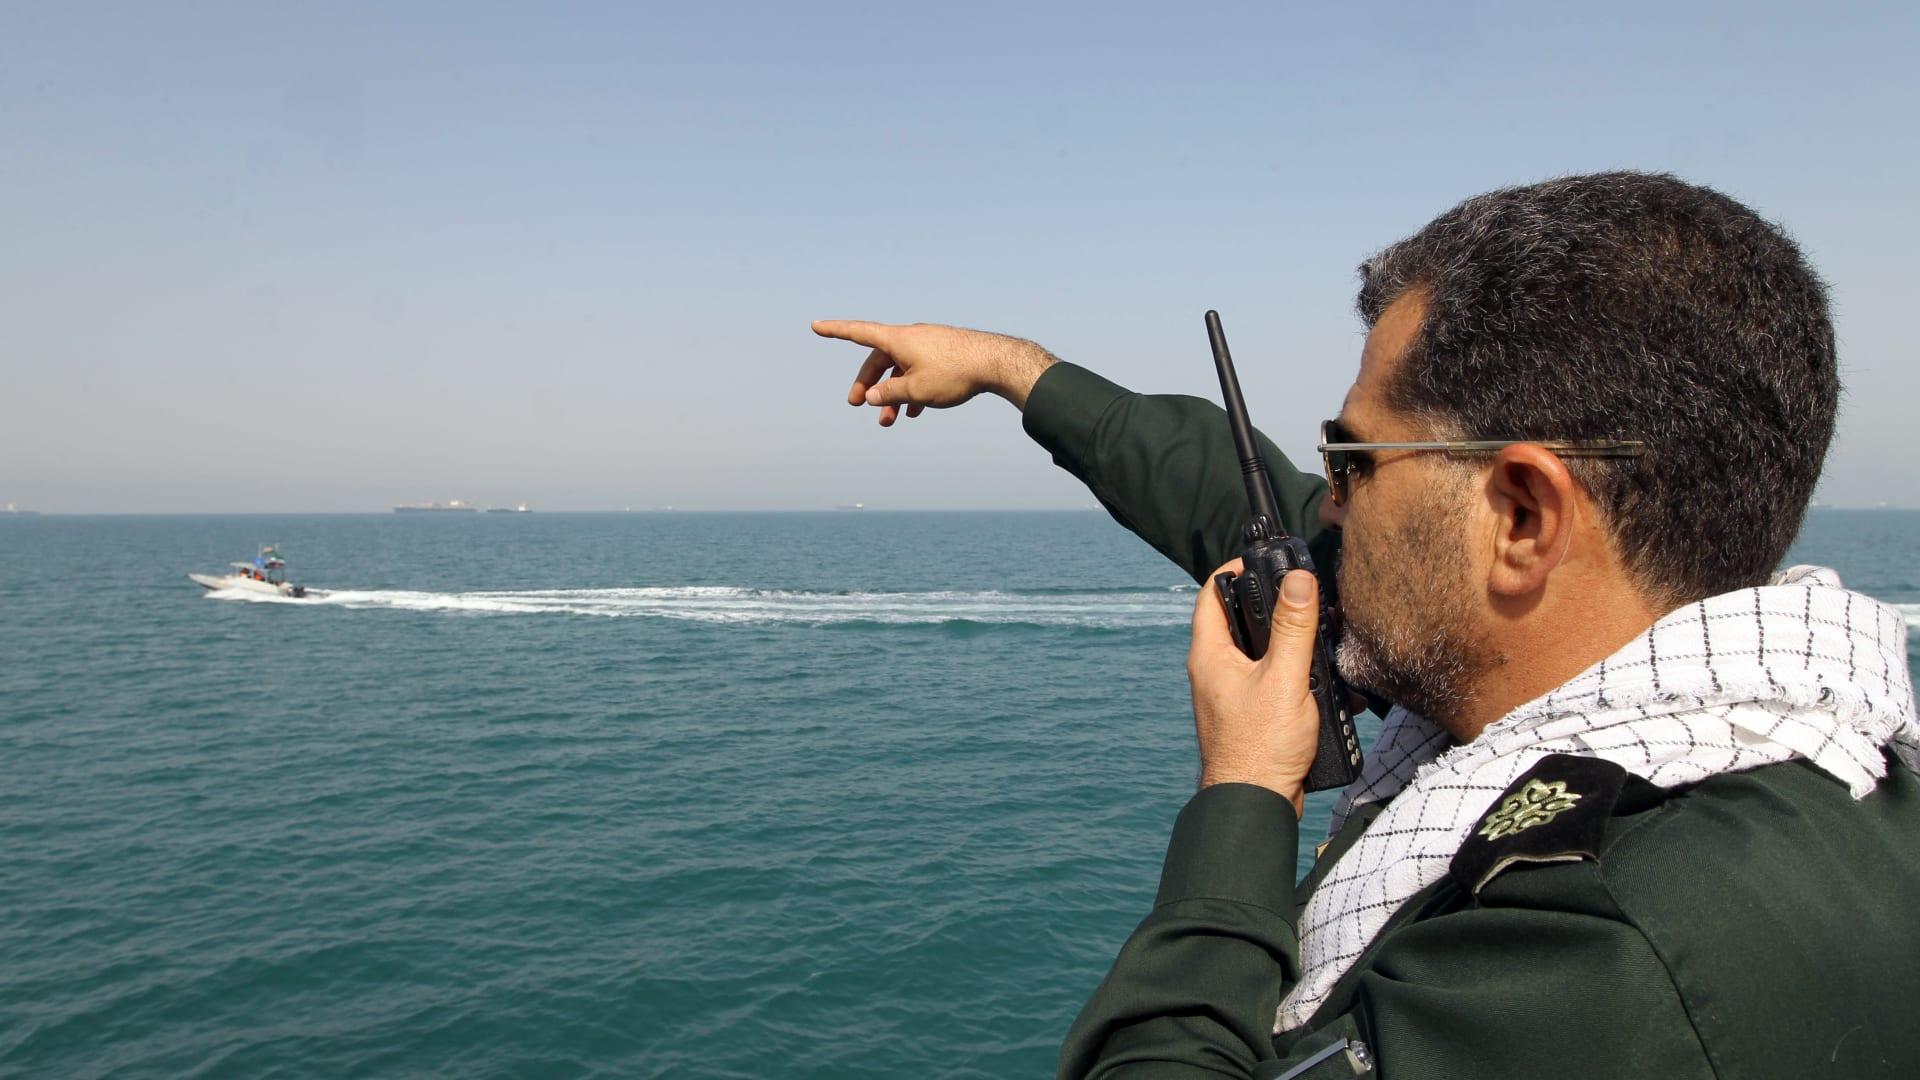 الحرس الثوري الإيراني يستهدف نسخة طبق الأصل من حاملة طائرات أمريكية بصواريخ باليستية